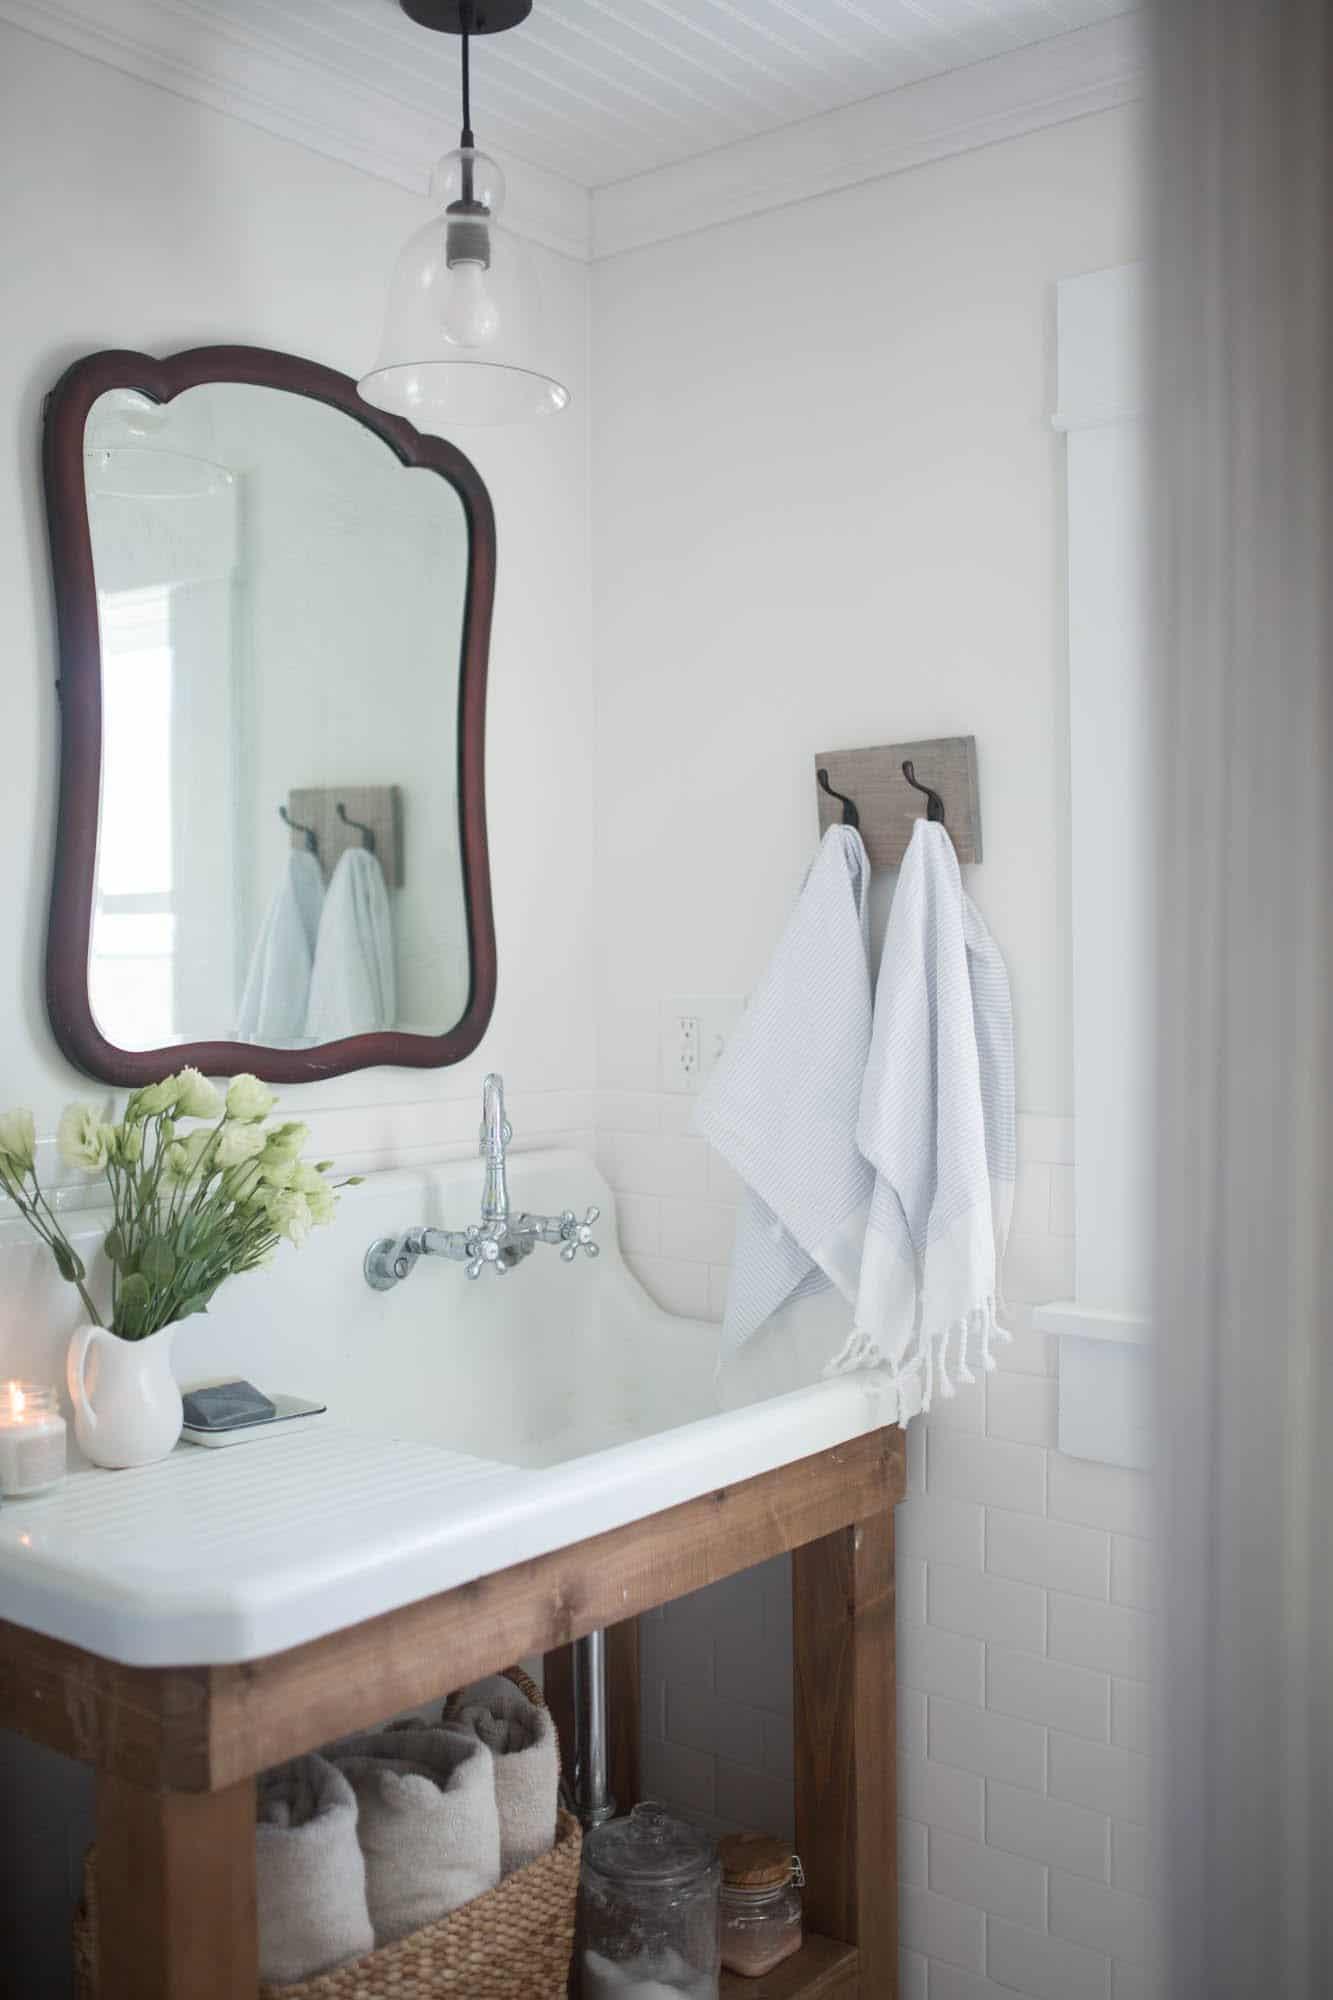 Farmhouse Bathroom Mirrors  Farmhouse Bathroom Decor Farmhouse on Boone